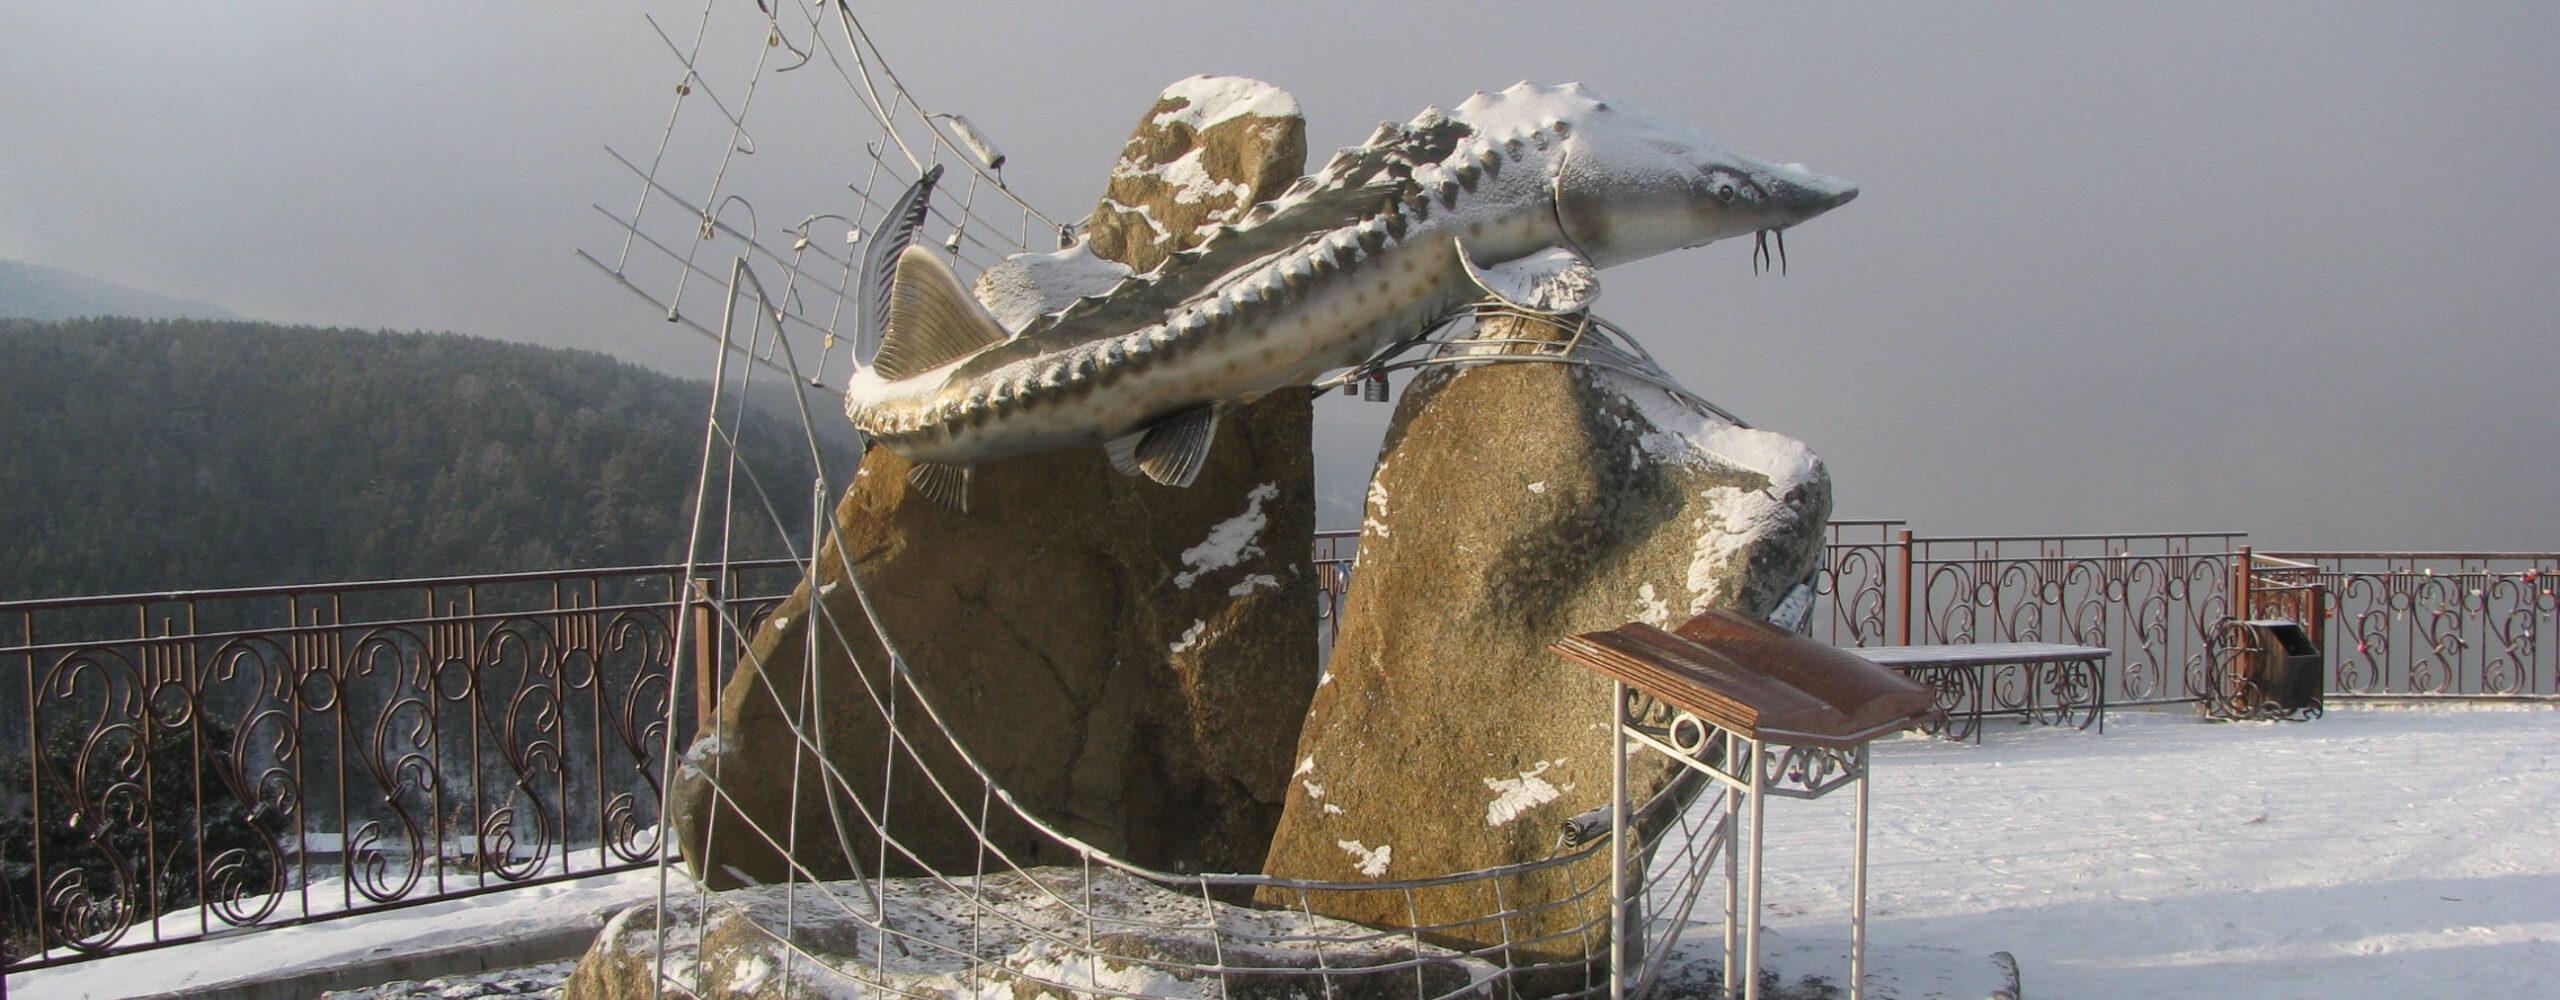 Прогулки позимнему Красноярску (04-06.01.2011 г.)